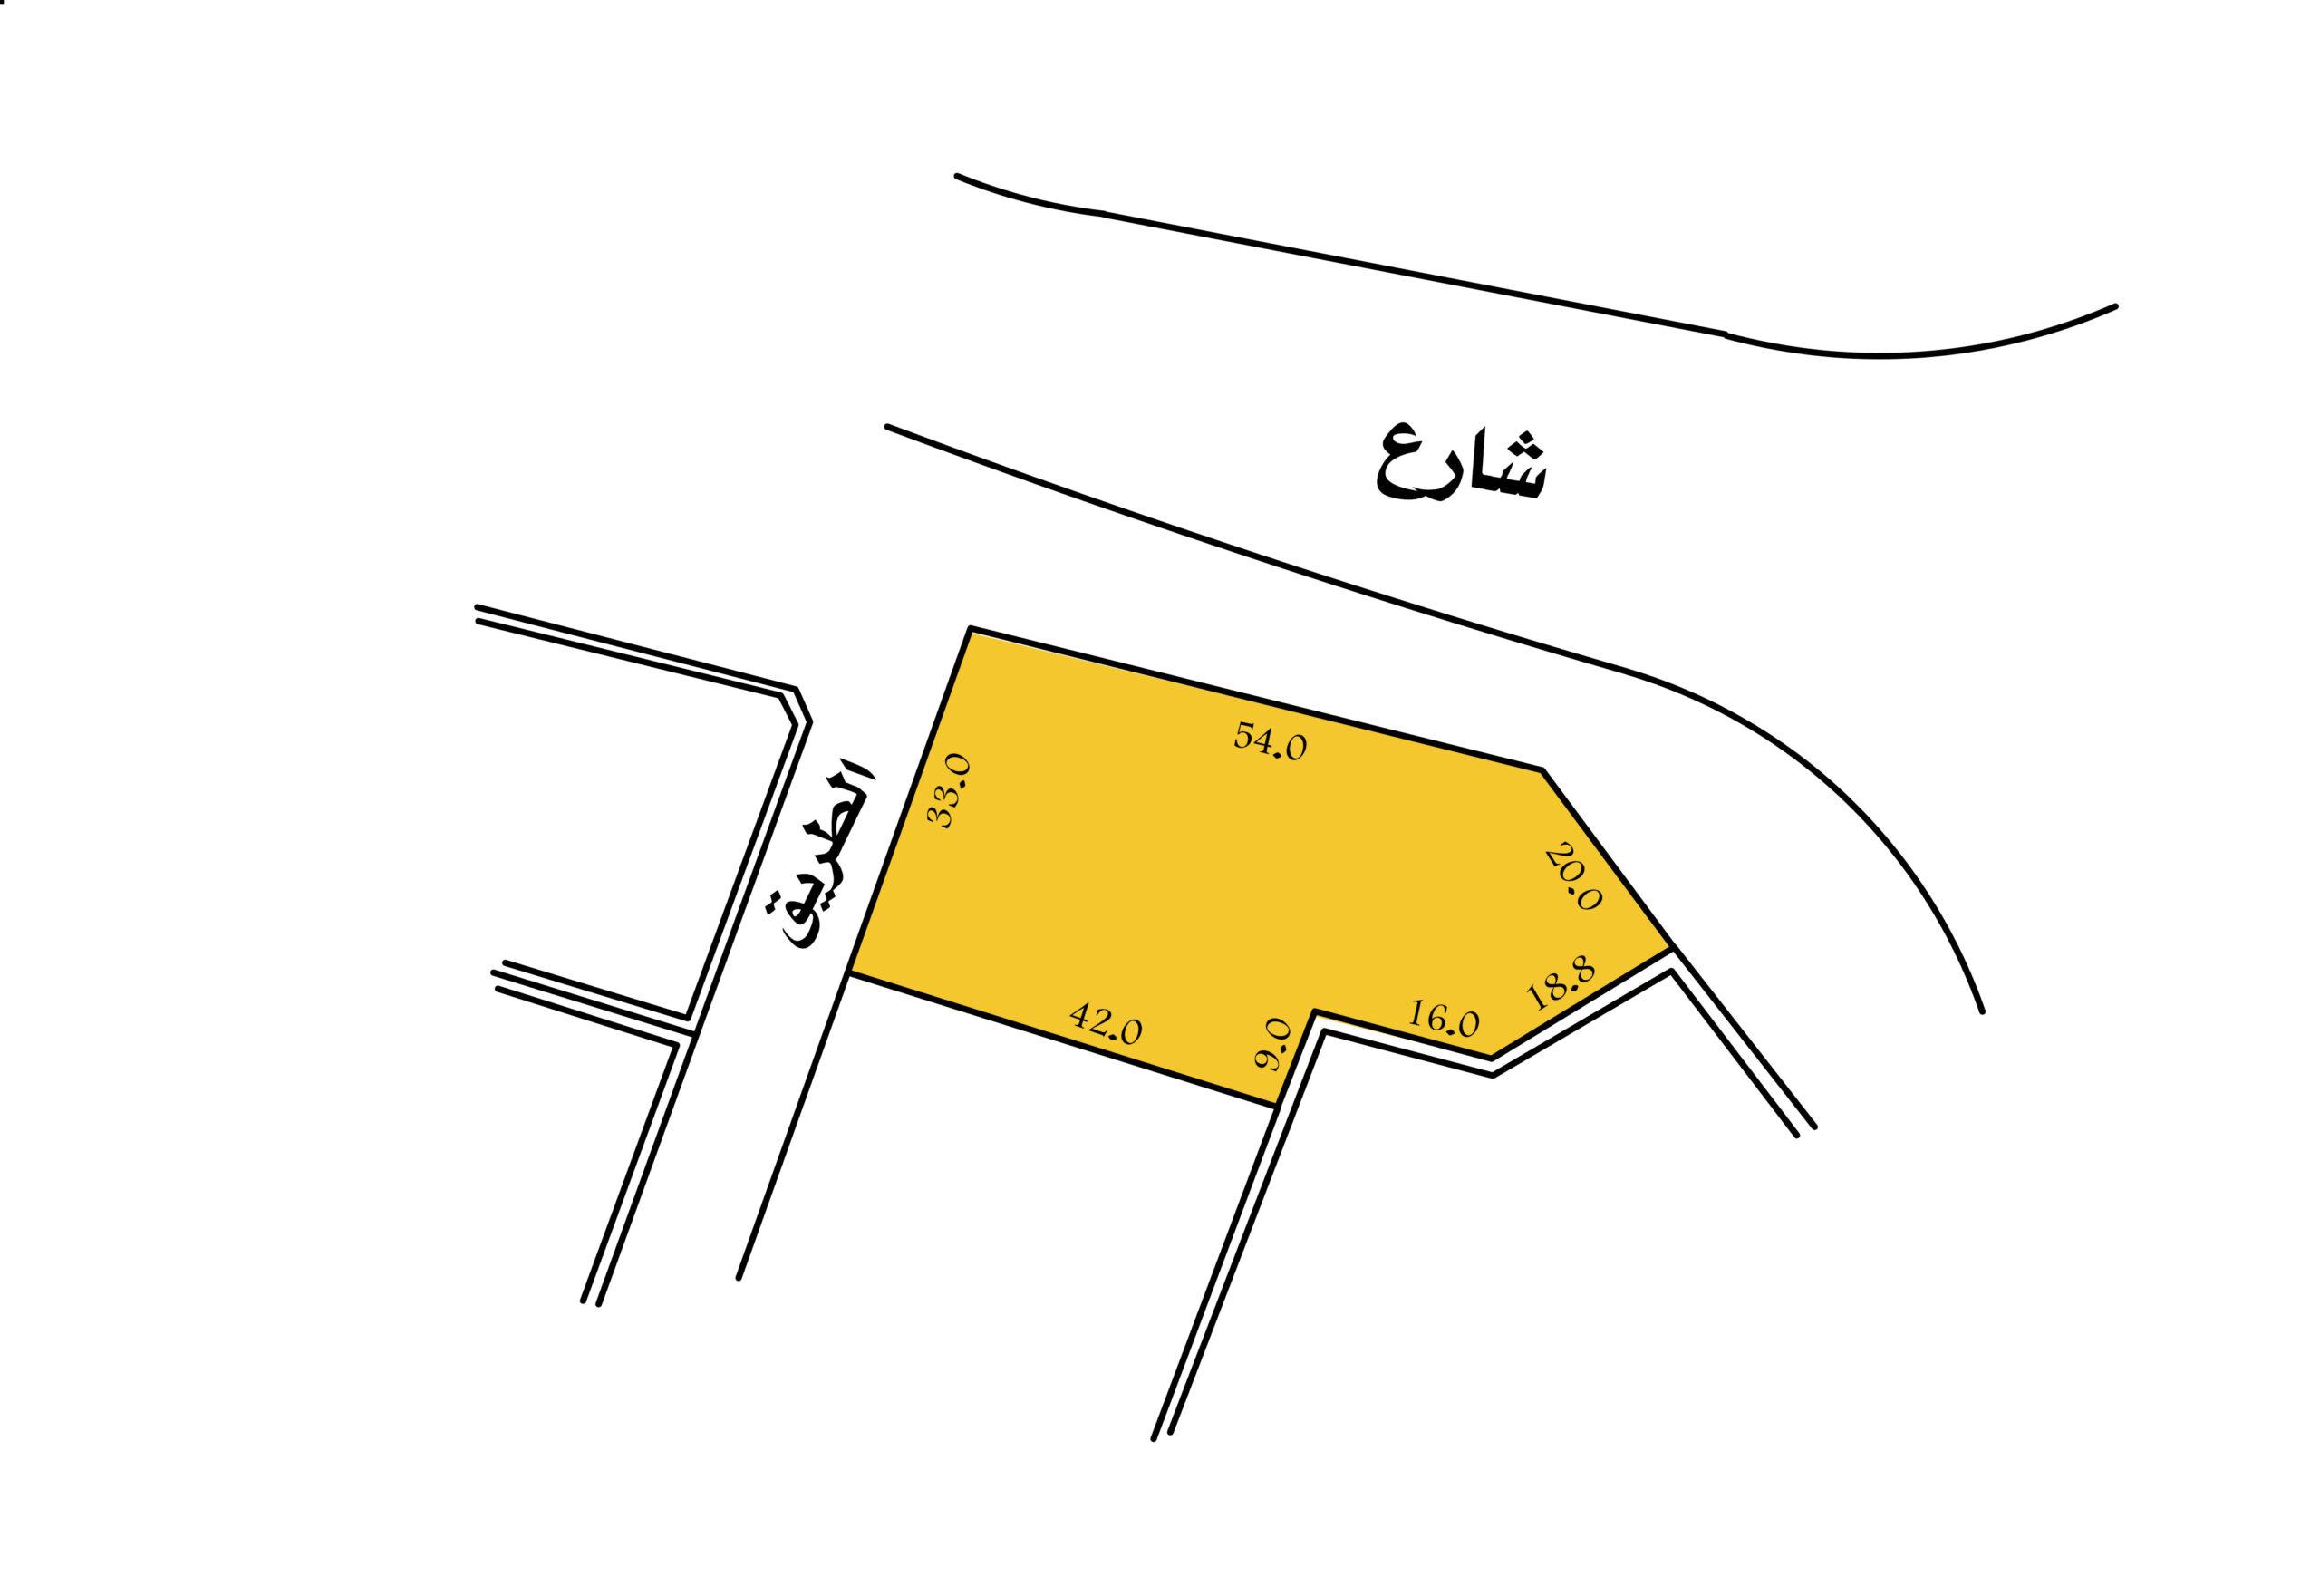 للبيع أرض سكنية فيمدينة عيسى مجمع 809